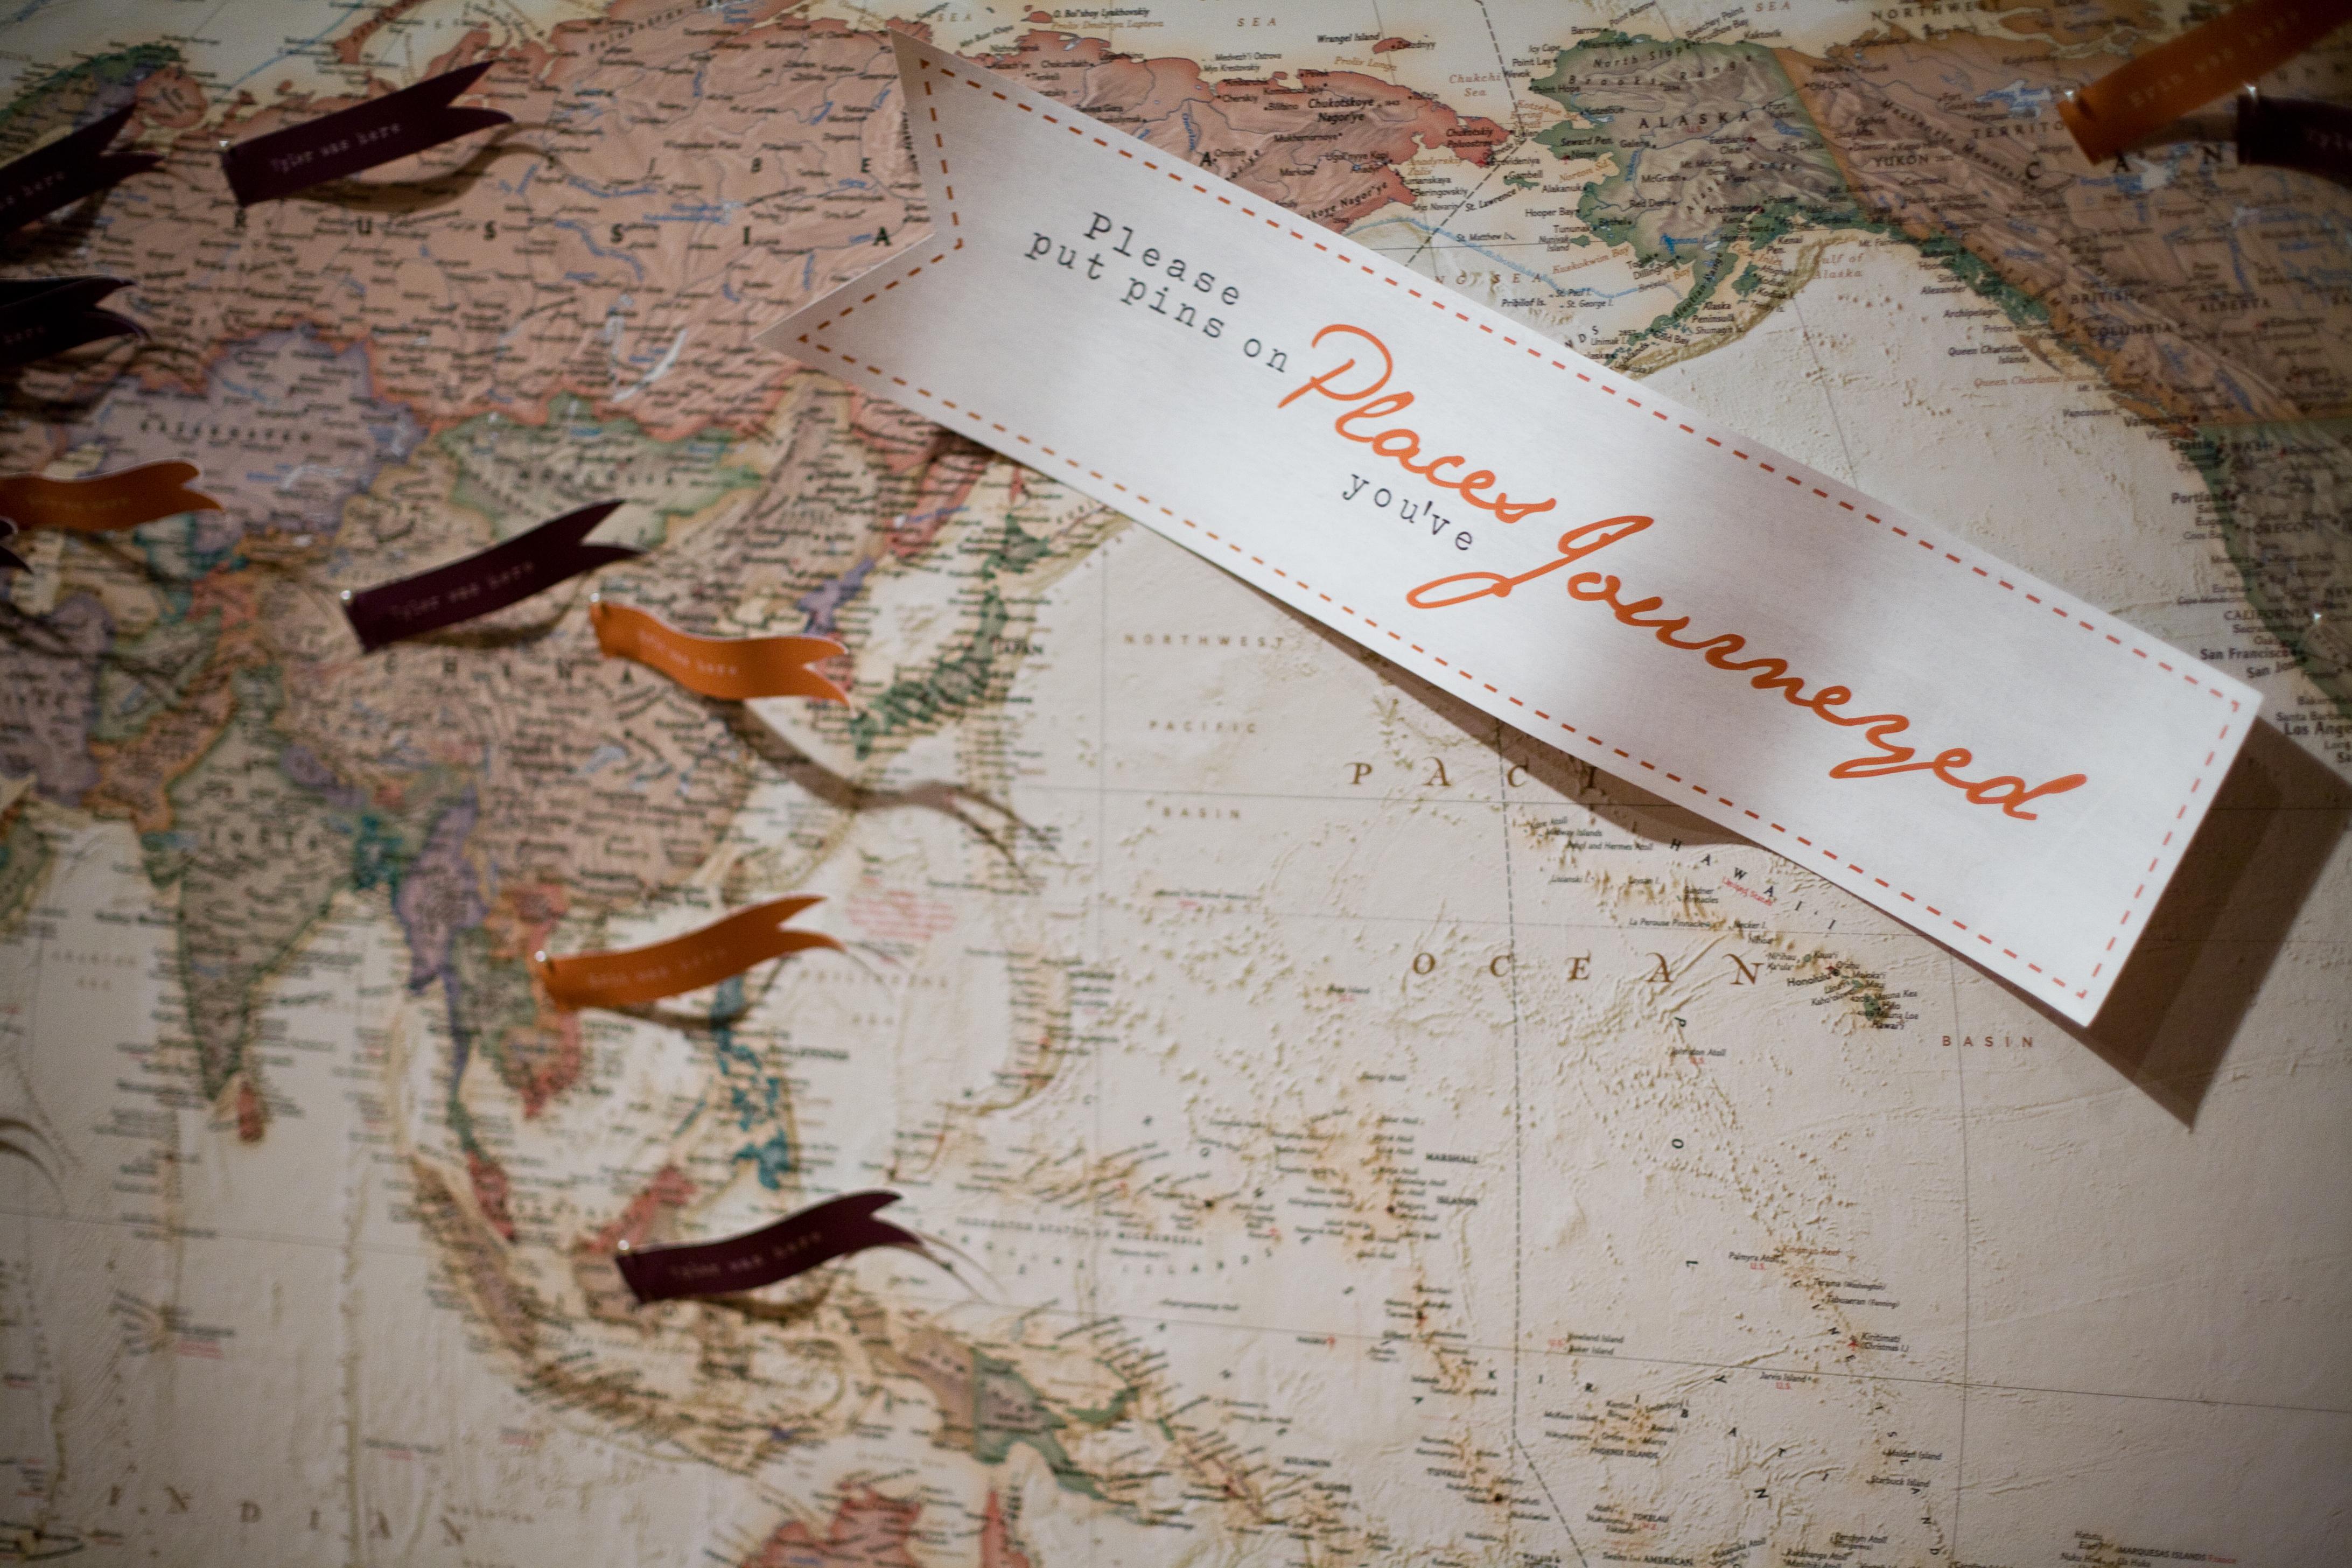 Real Wedding Rustic Outdoor Berkley Ca Travel Inspired